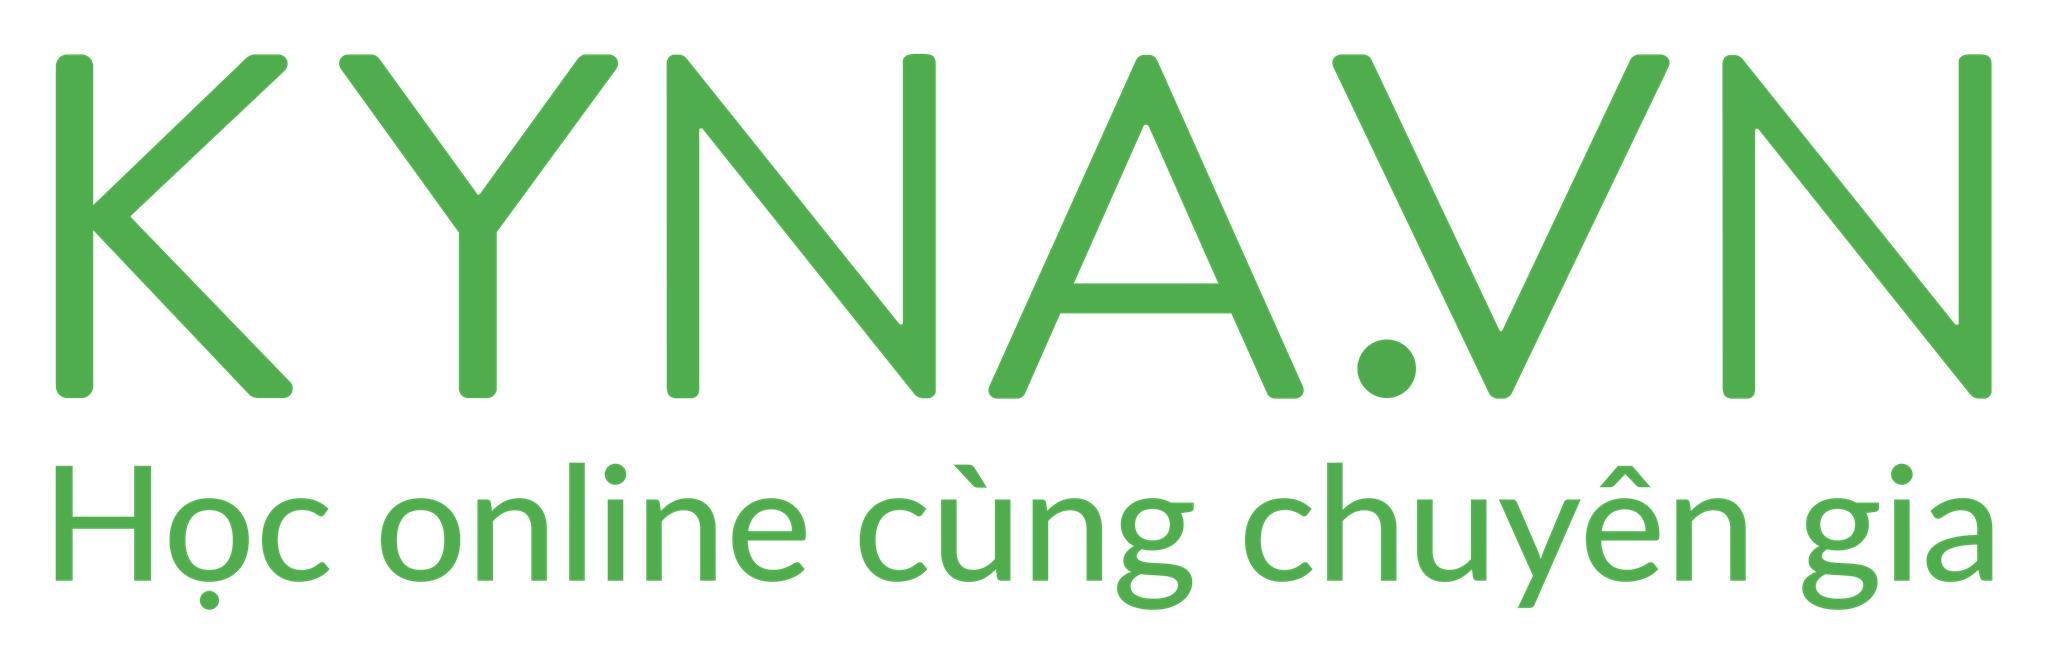 Kyna.vn - Học online cùng chuyên gia